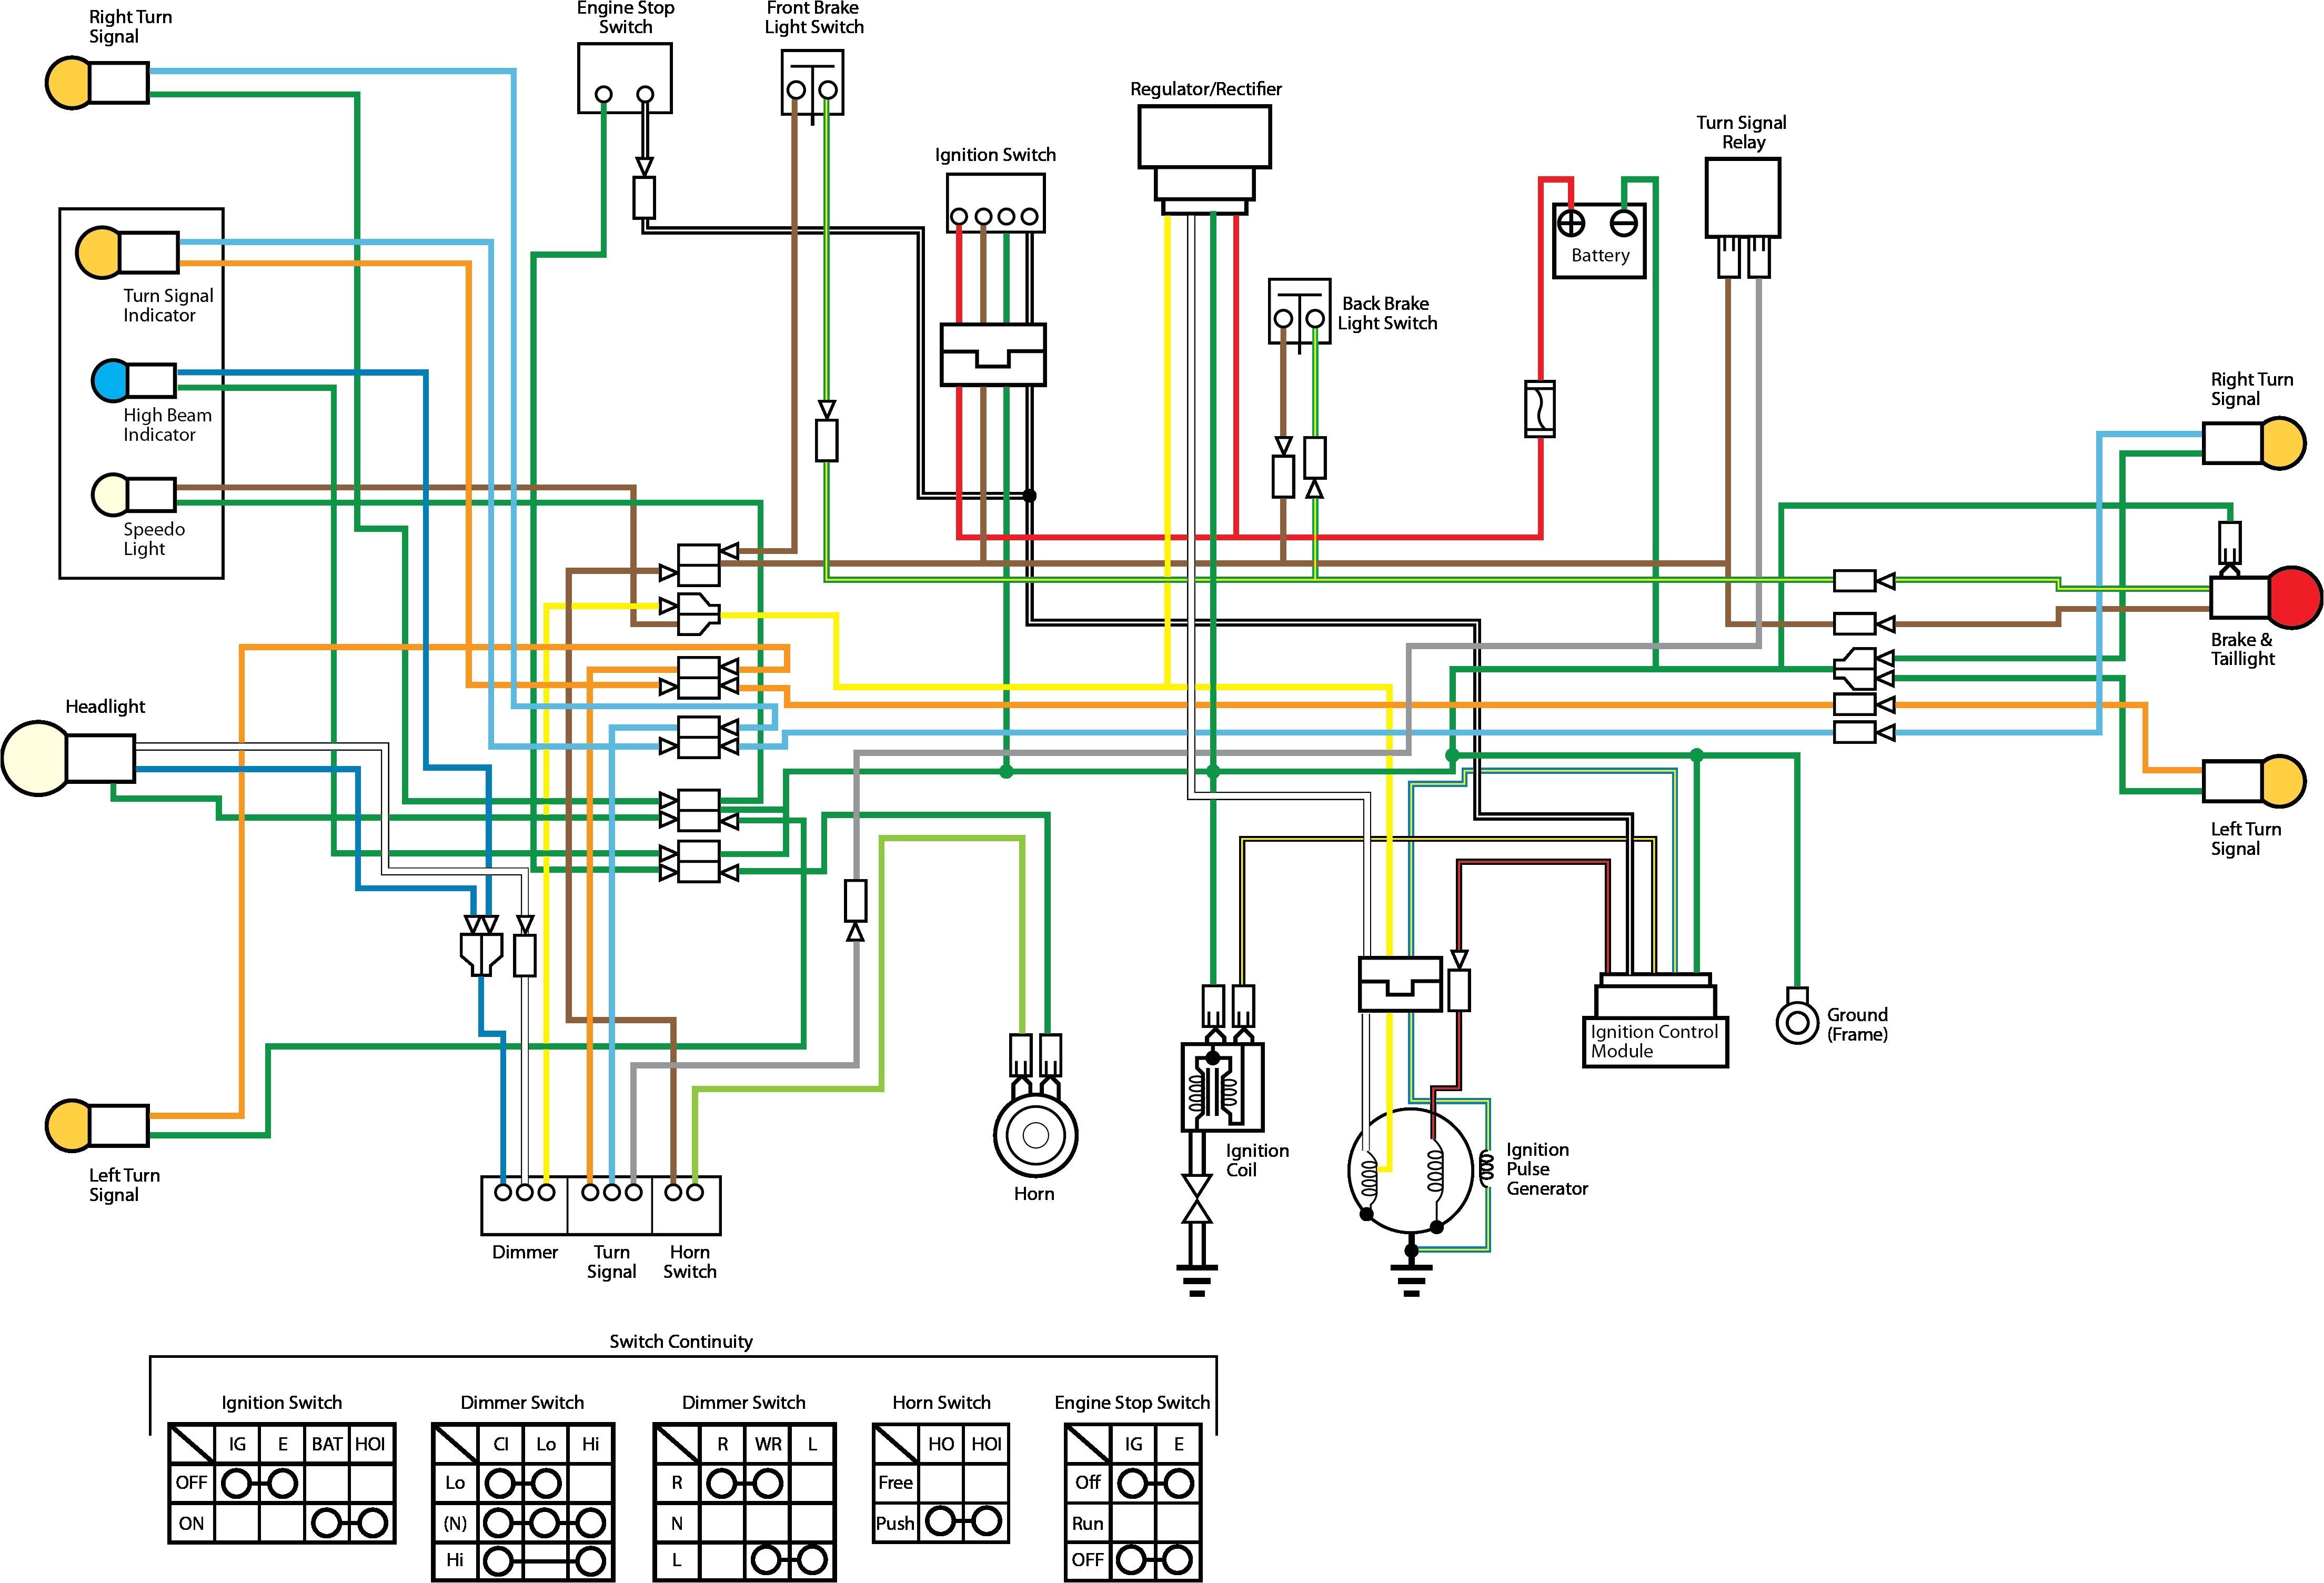 yz 125 lifan wiring diagram wiring diagram name 1985 dodge 600 wiring diagram